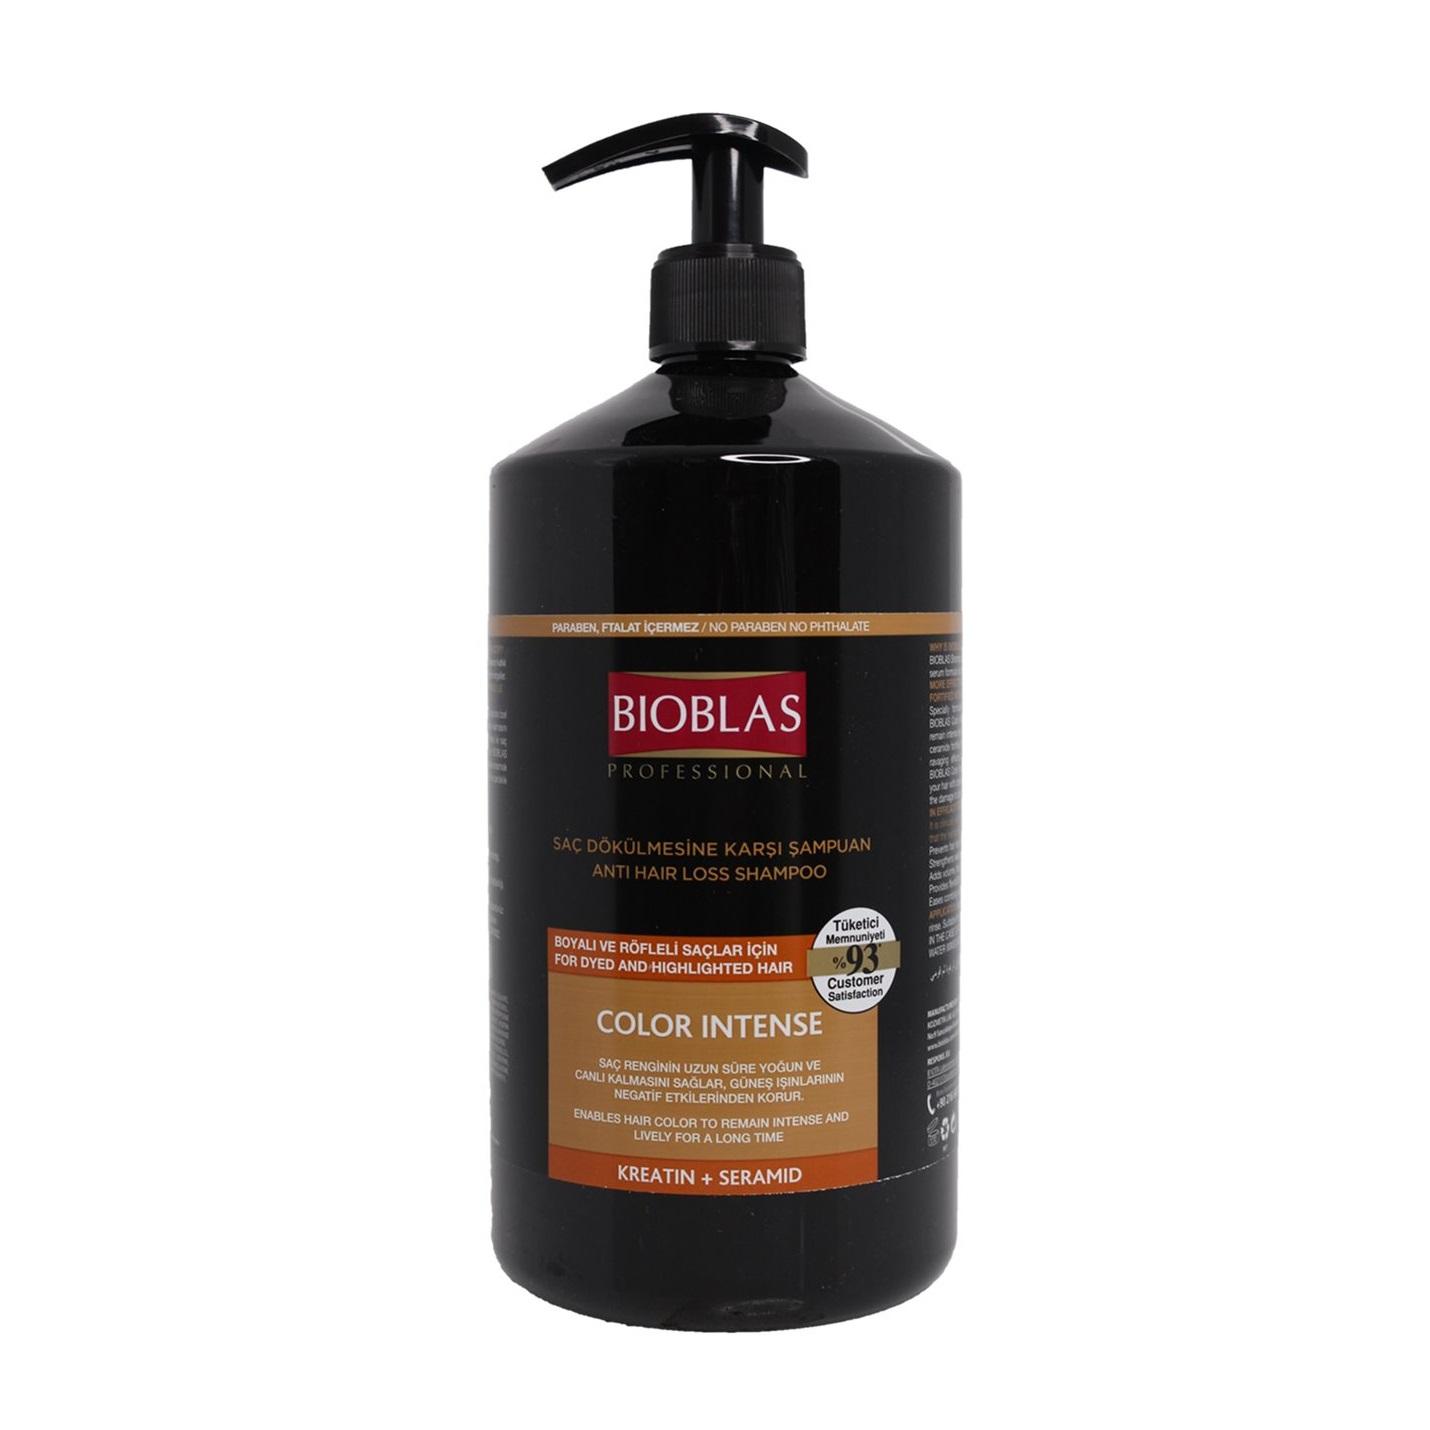 شامپو بیوبلاس ضد ریزش مو مدل Color Intense مخصوص موهای رنگ شده 1000 میلی لیتر